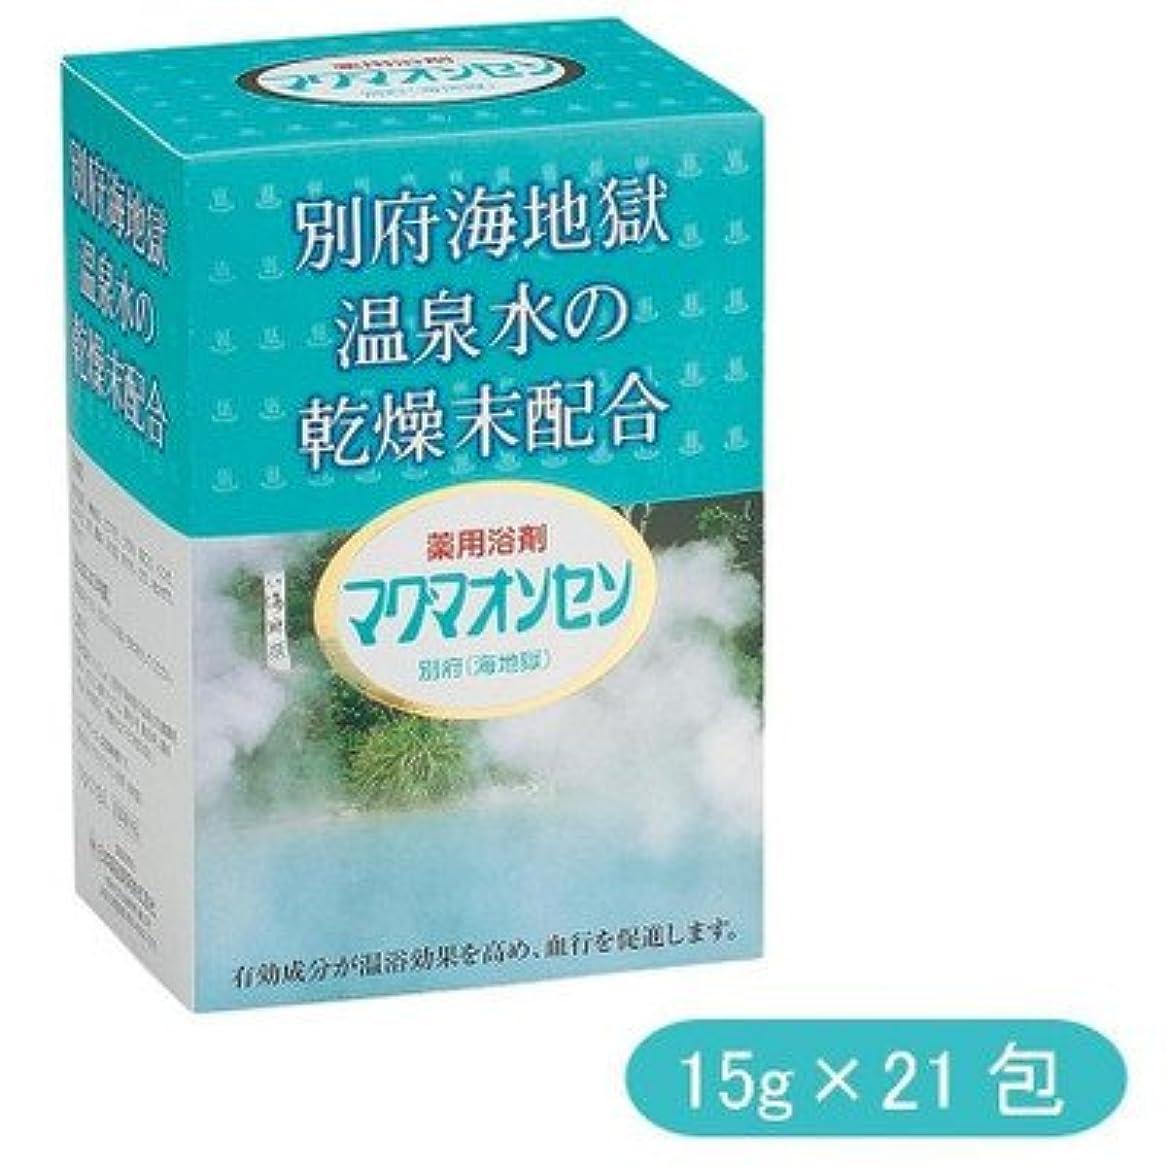 主導権仲間シネマ日本薬品開発 医薬部外品 薬用入浴剤 マグマオンセン 15g×21P 800770